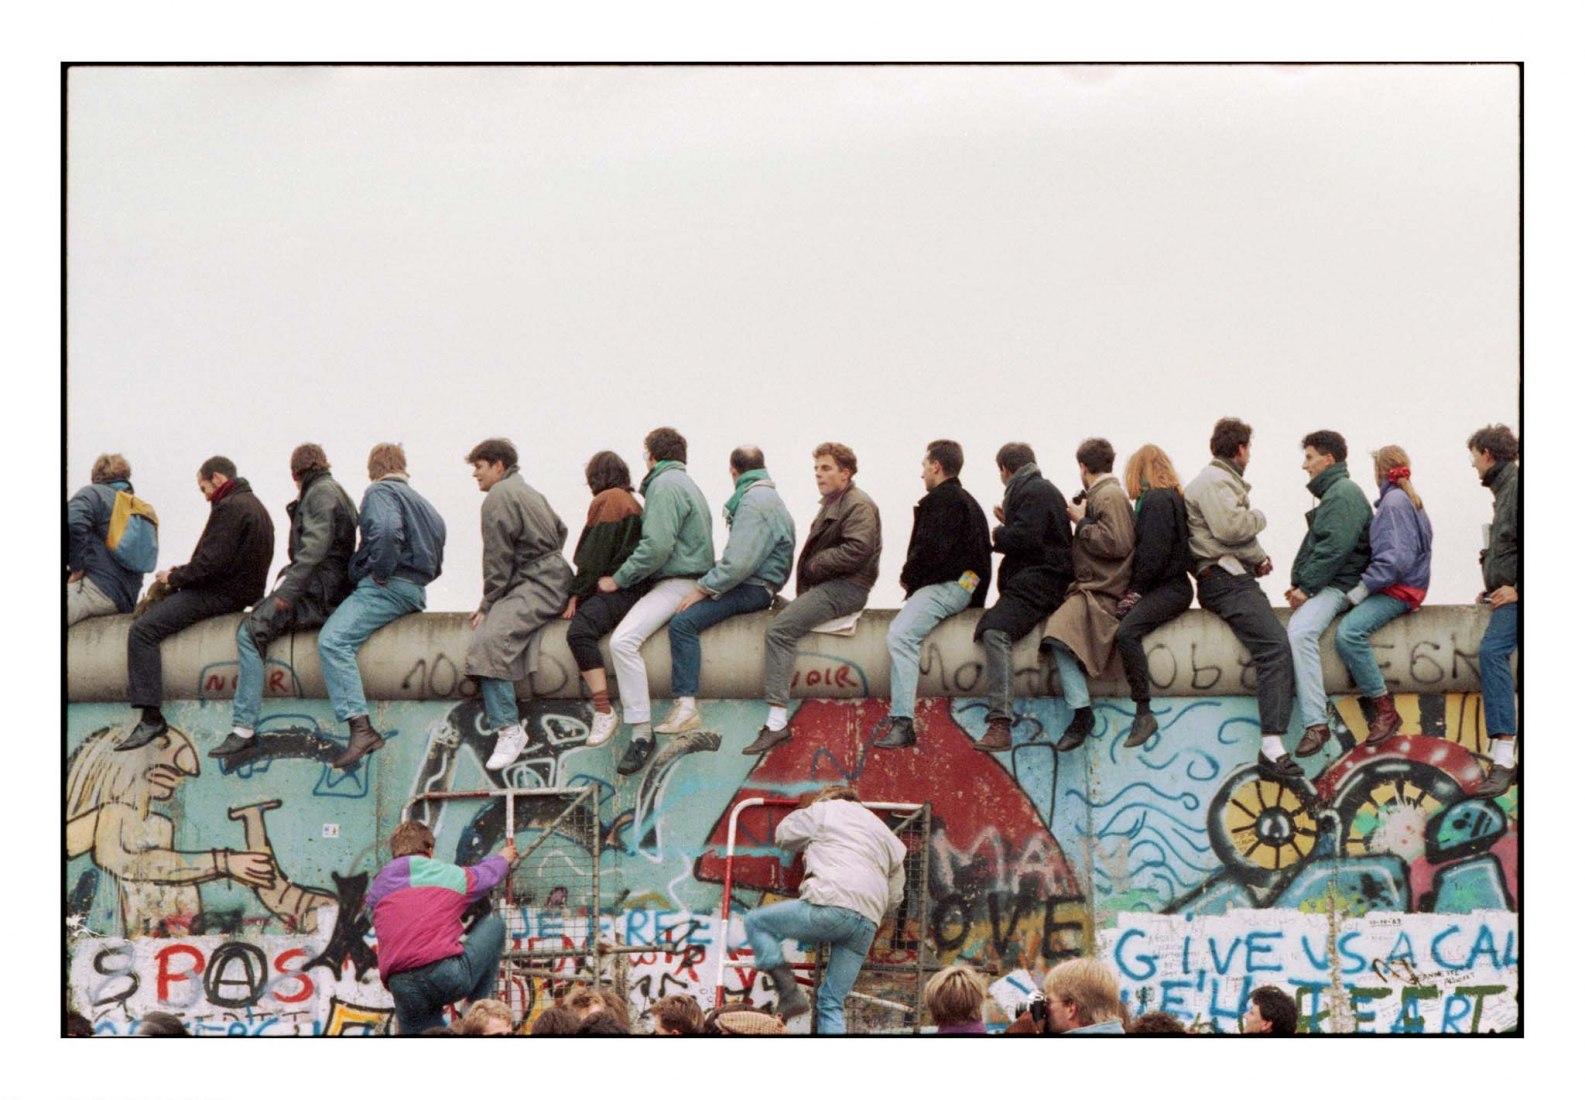 Caída del Muro en Berlín, 12 de noviembre de 1989. Fotografía por © Tim Wegner / laif